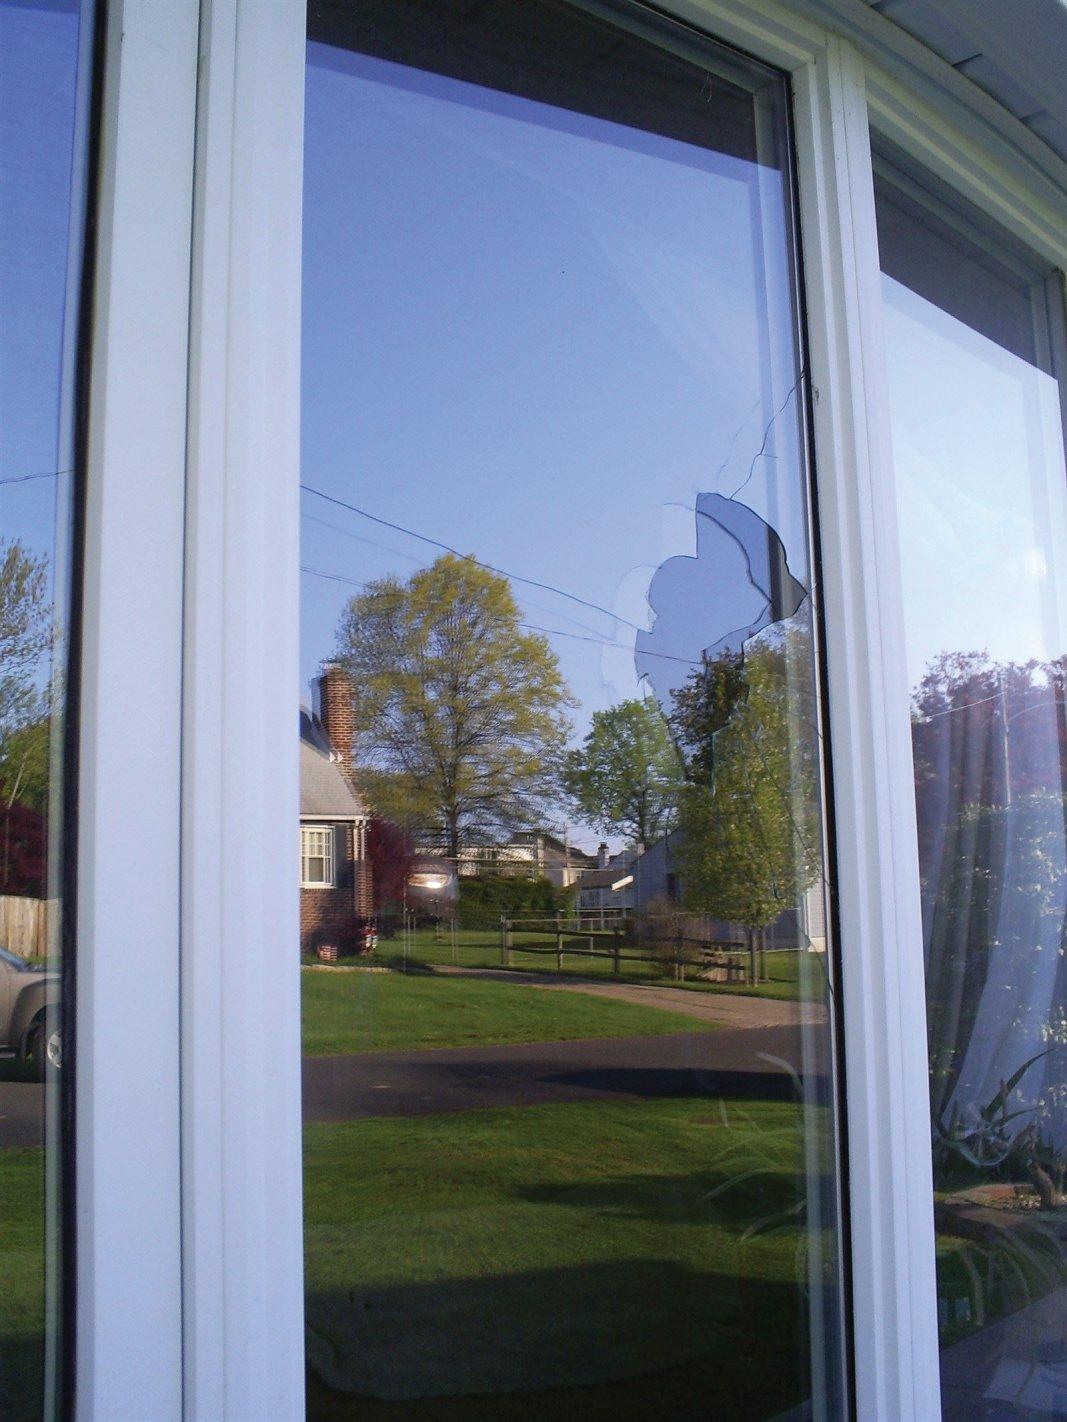 Broken double pane window